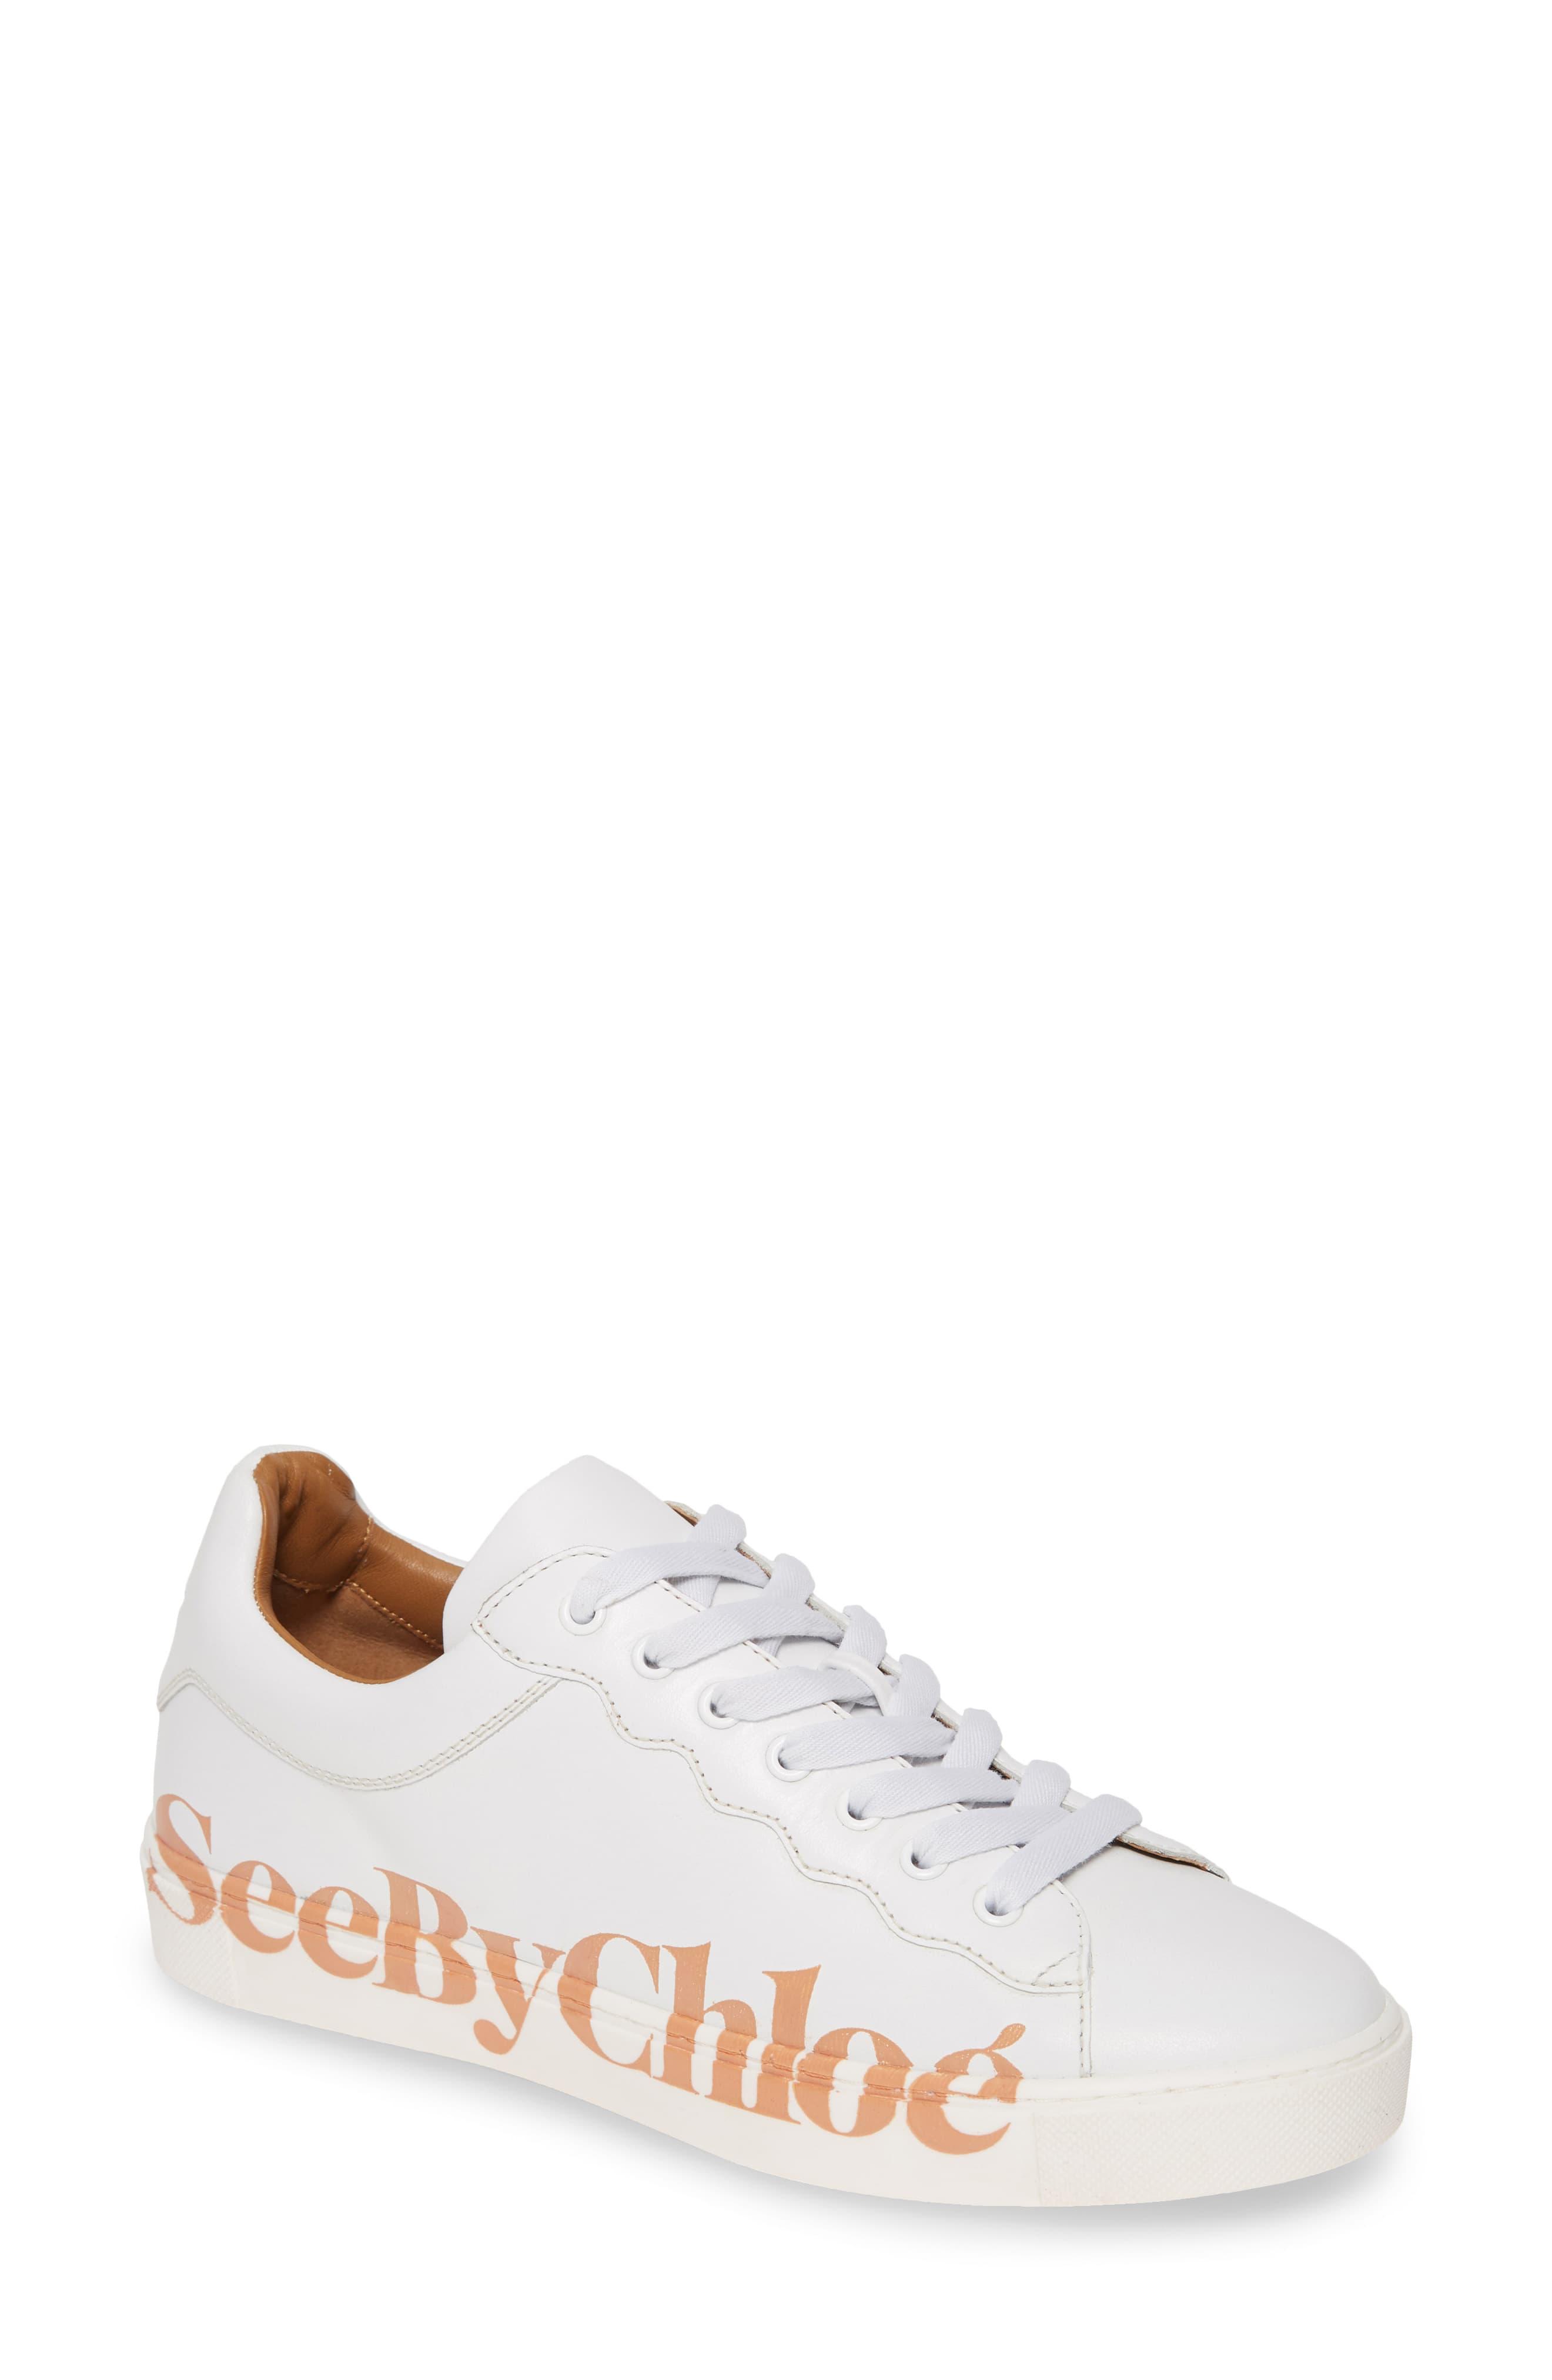 Women\'s See By Chloe Essie Logo Low Top Sneaker, Size 5US / 35EU.